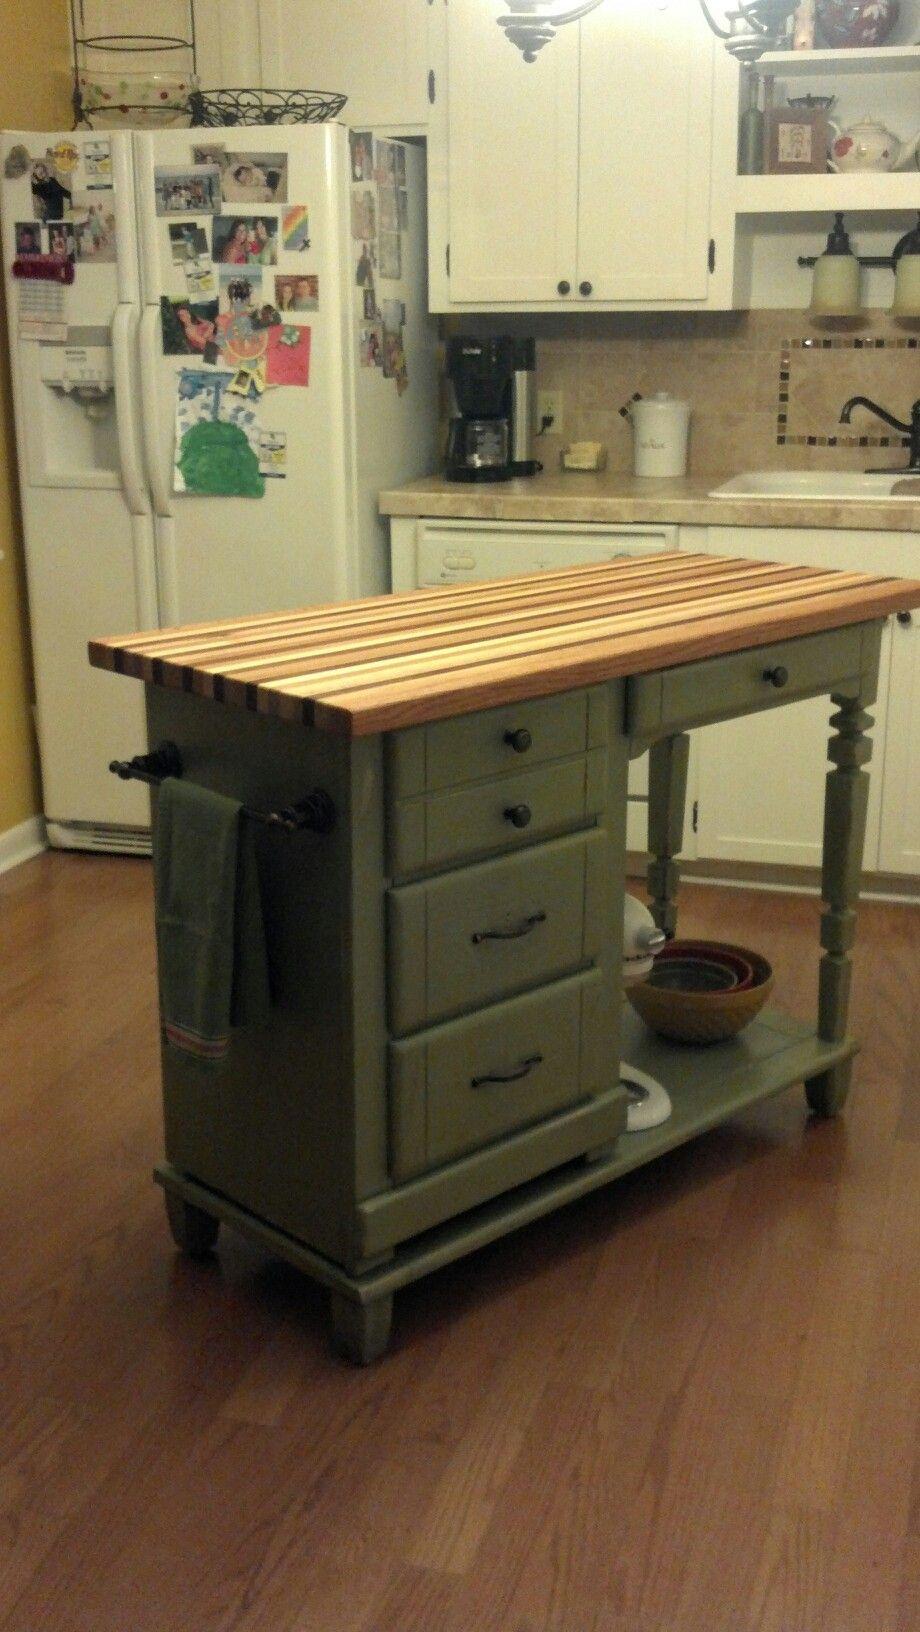 M s de 1000 ideas sobre antiguos tocadores de ba o en - Reformar muebles viejos ...